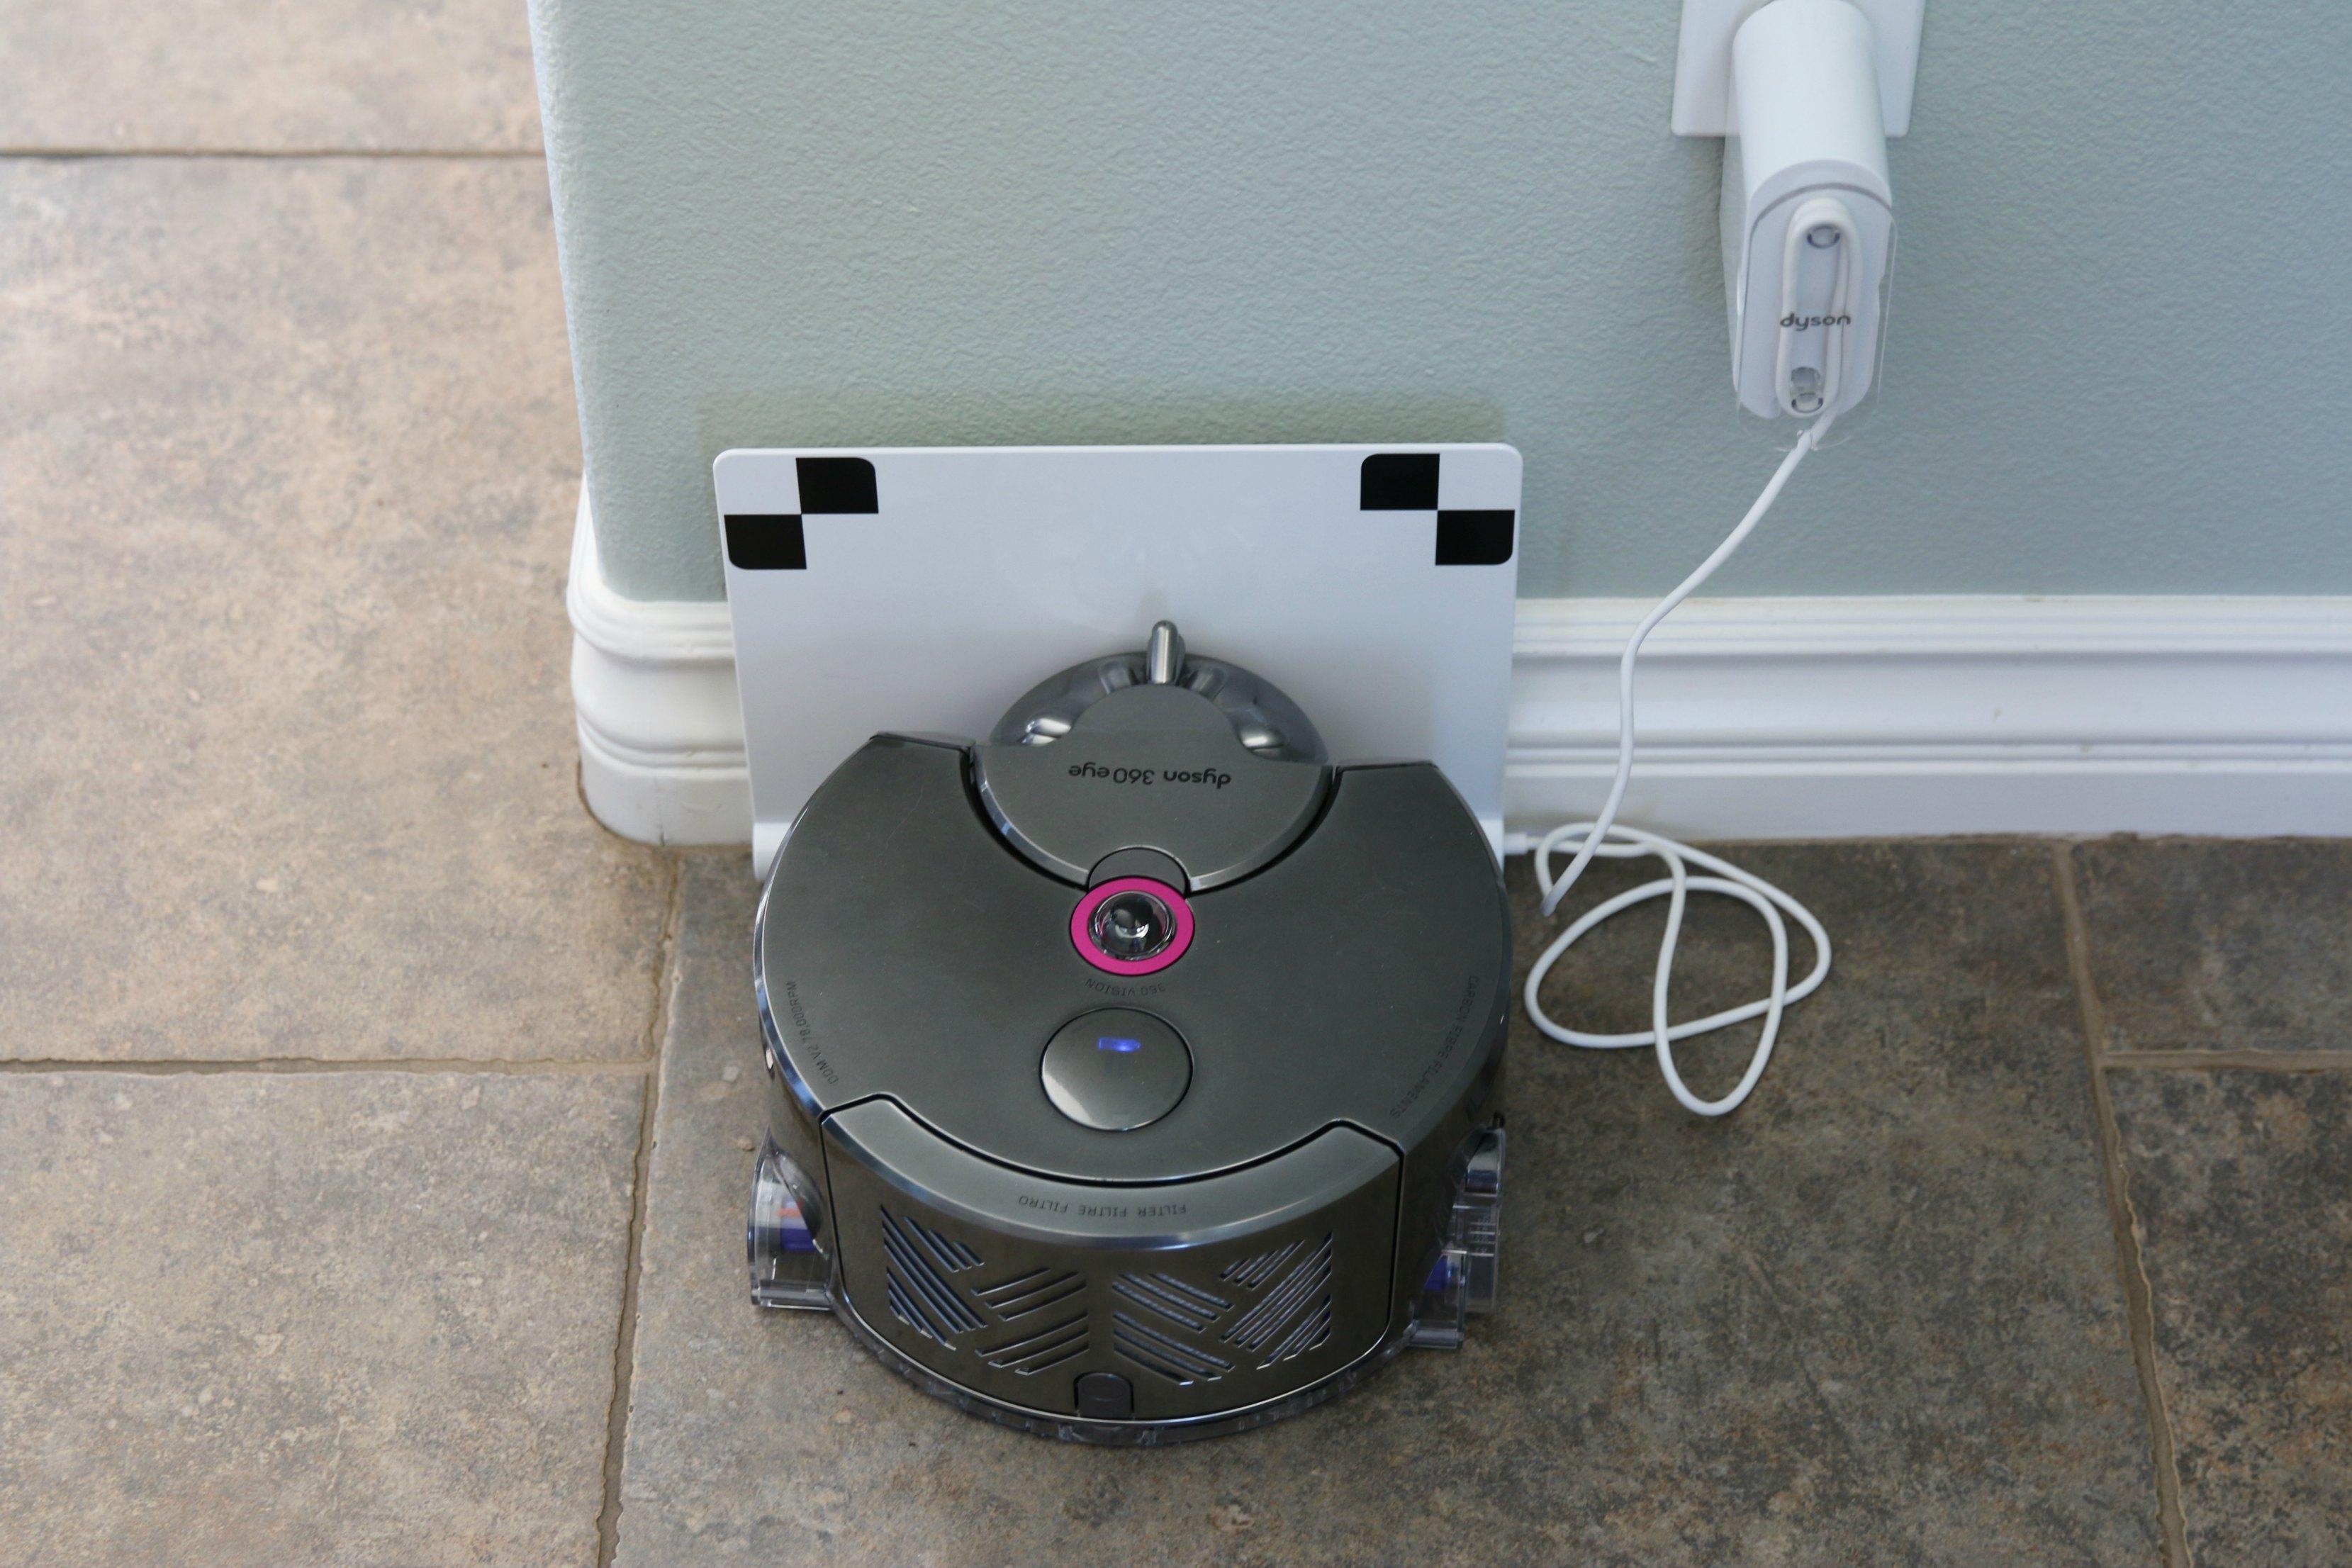 dyson-robot-vacuum-review